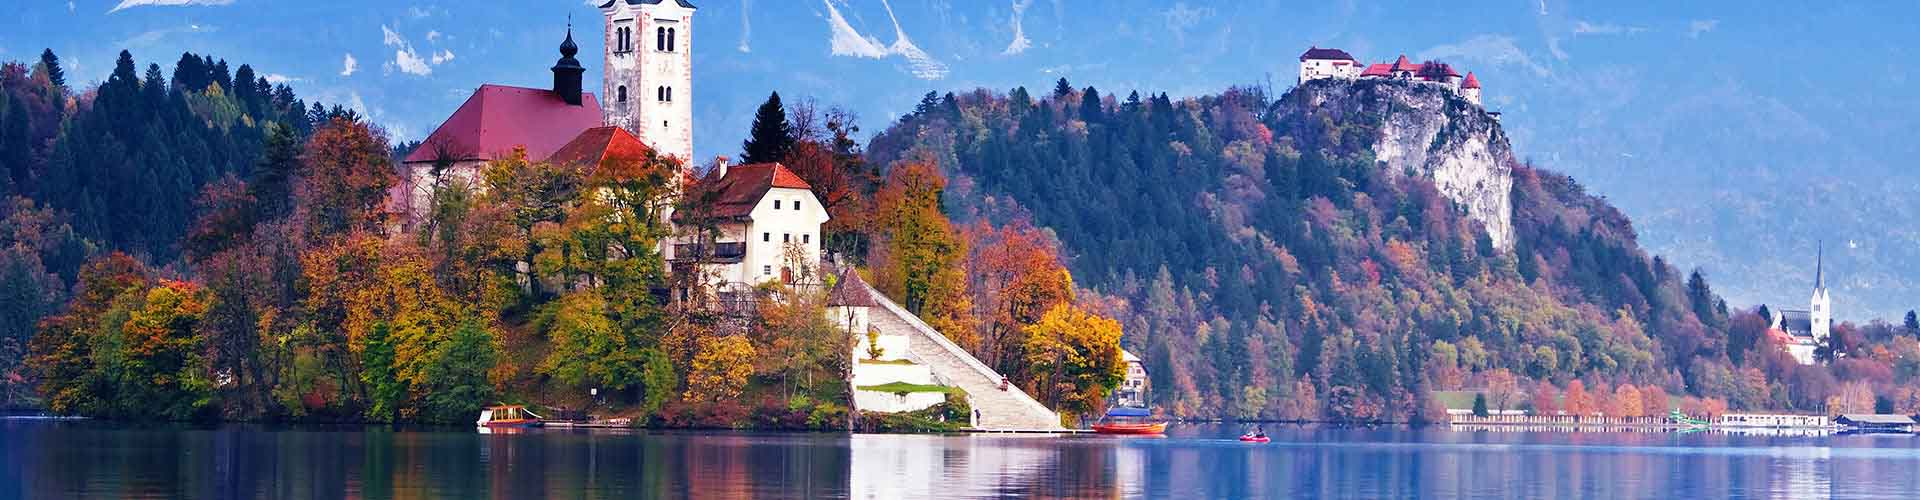 Bled - Ifjúsági Szállások Bledben. Bled térképek, fotók és ajánlások minden egyes ifjúsági szállásokra Bled-ben.